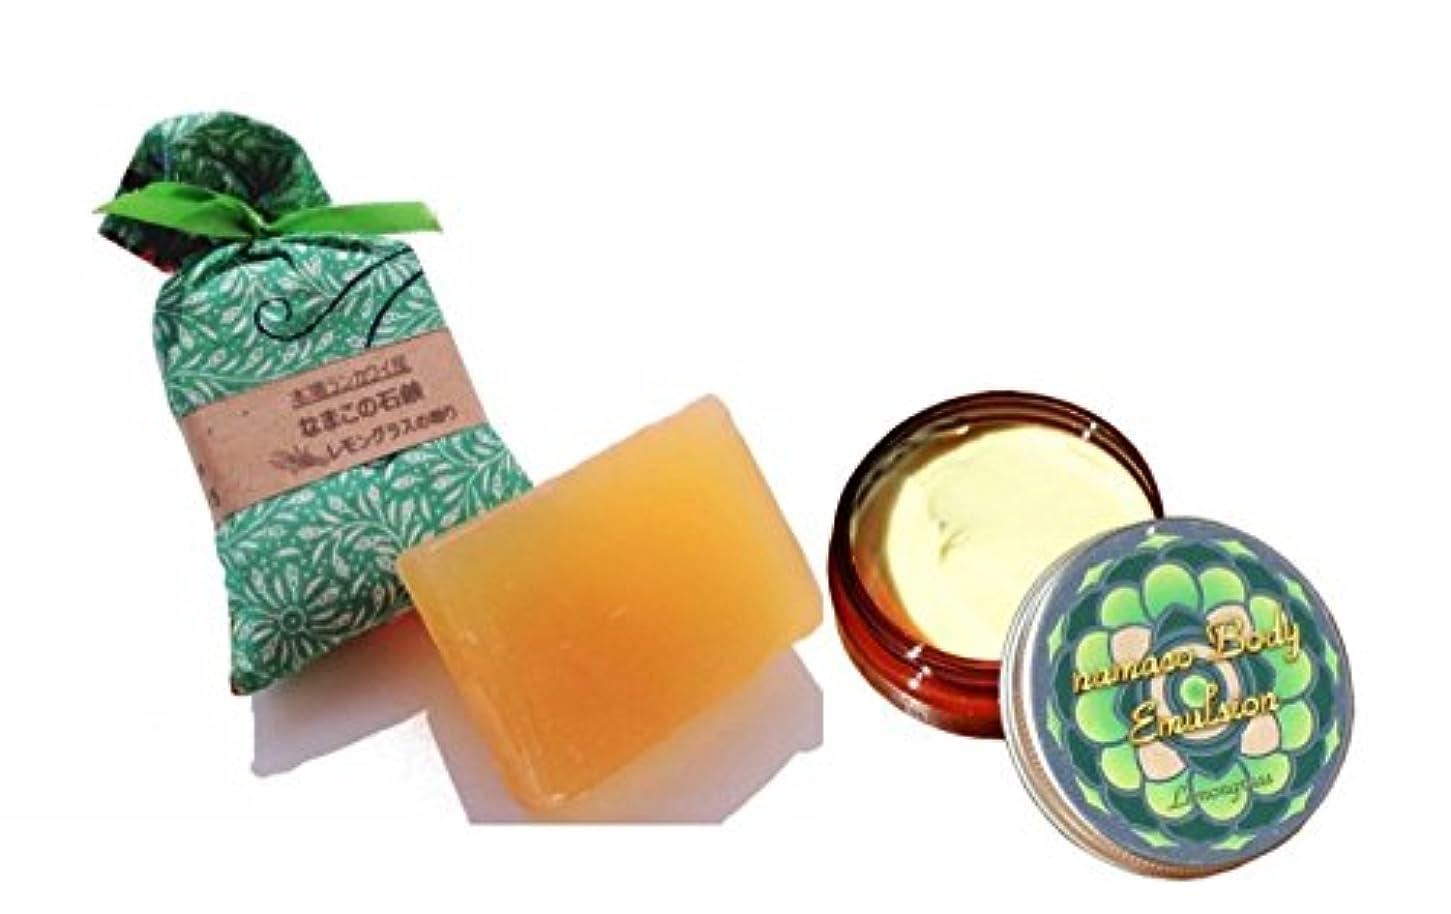 歯痛マサッチョ上院議員なまこレモングラスセット なまこ石鹸90g+なまこBODYエマルジョン50g(なまこクリーム)